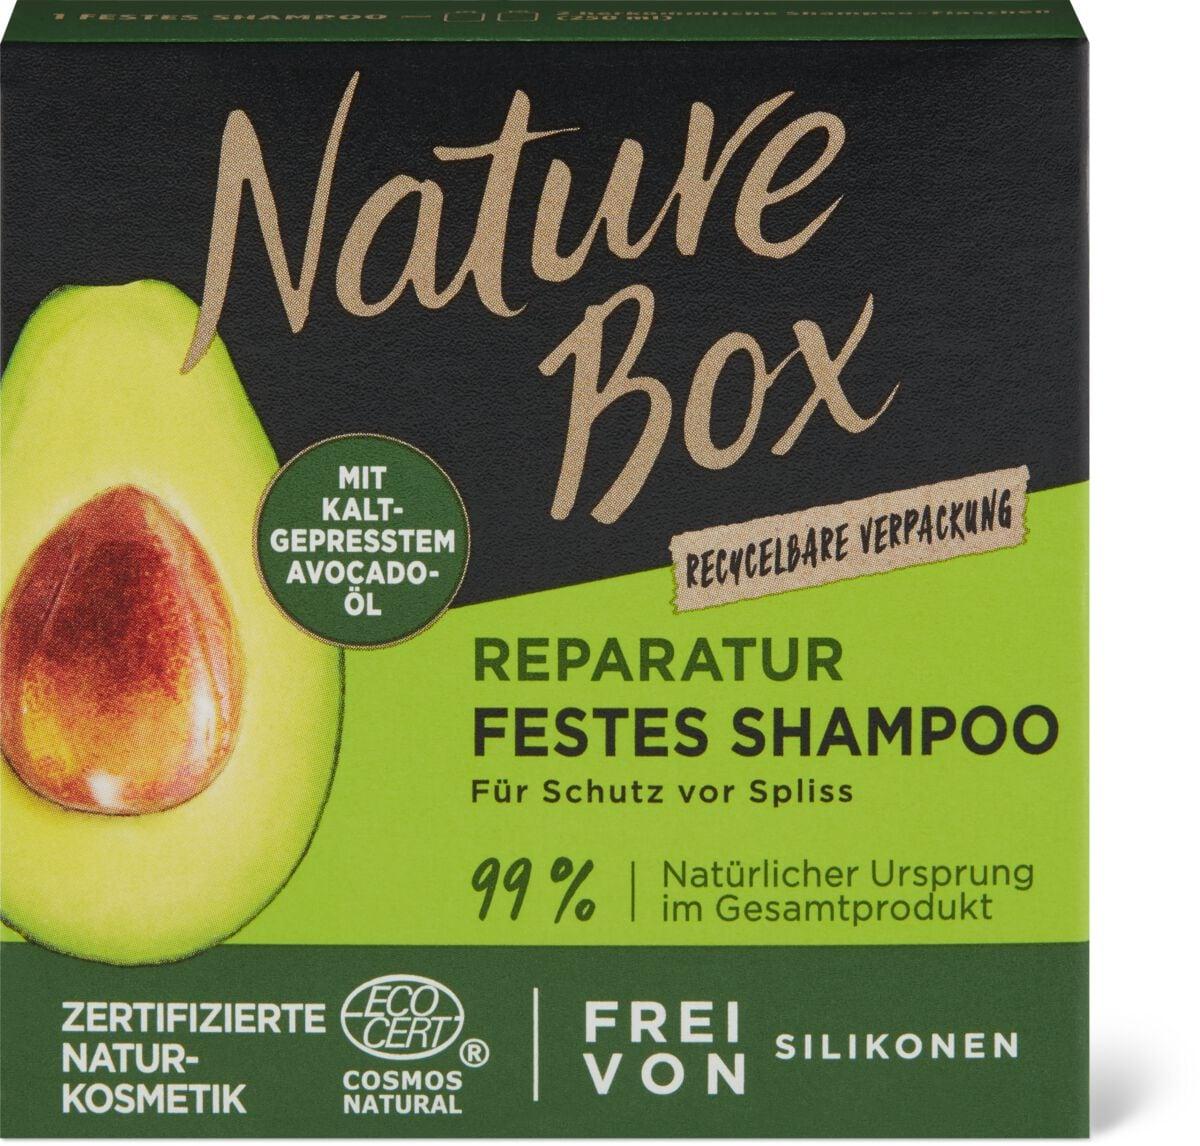 Nature Box Avocado Festes Shampoo